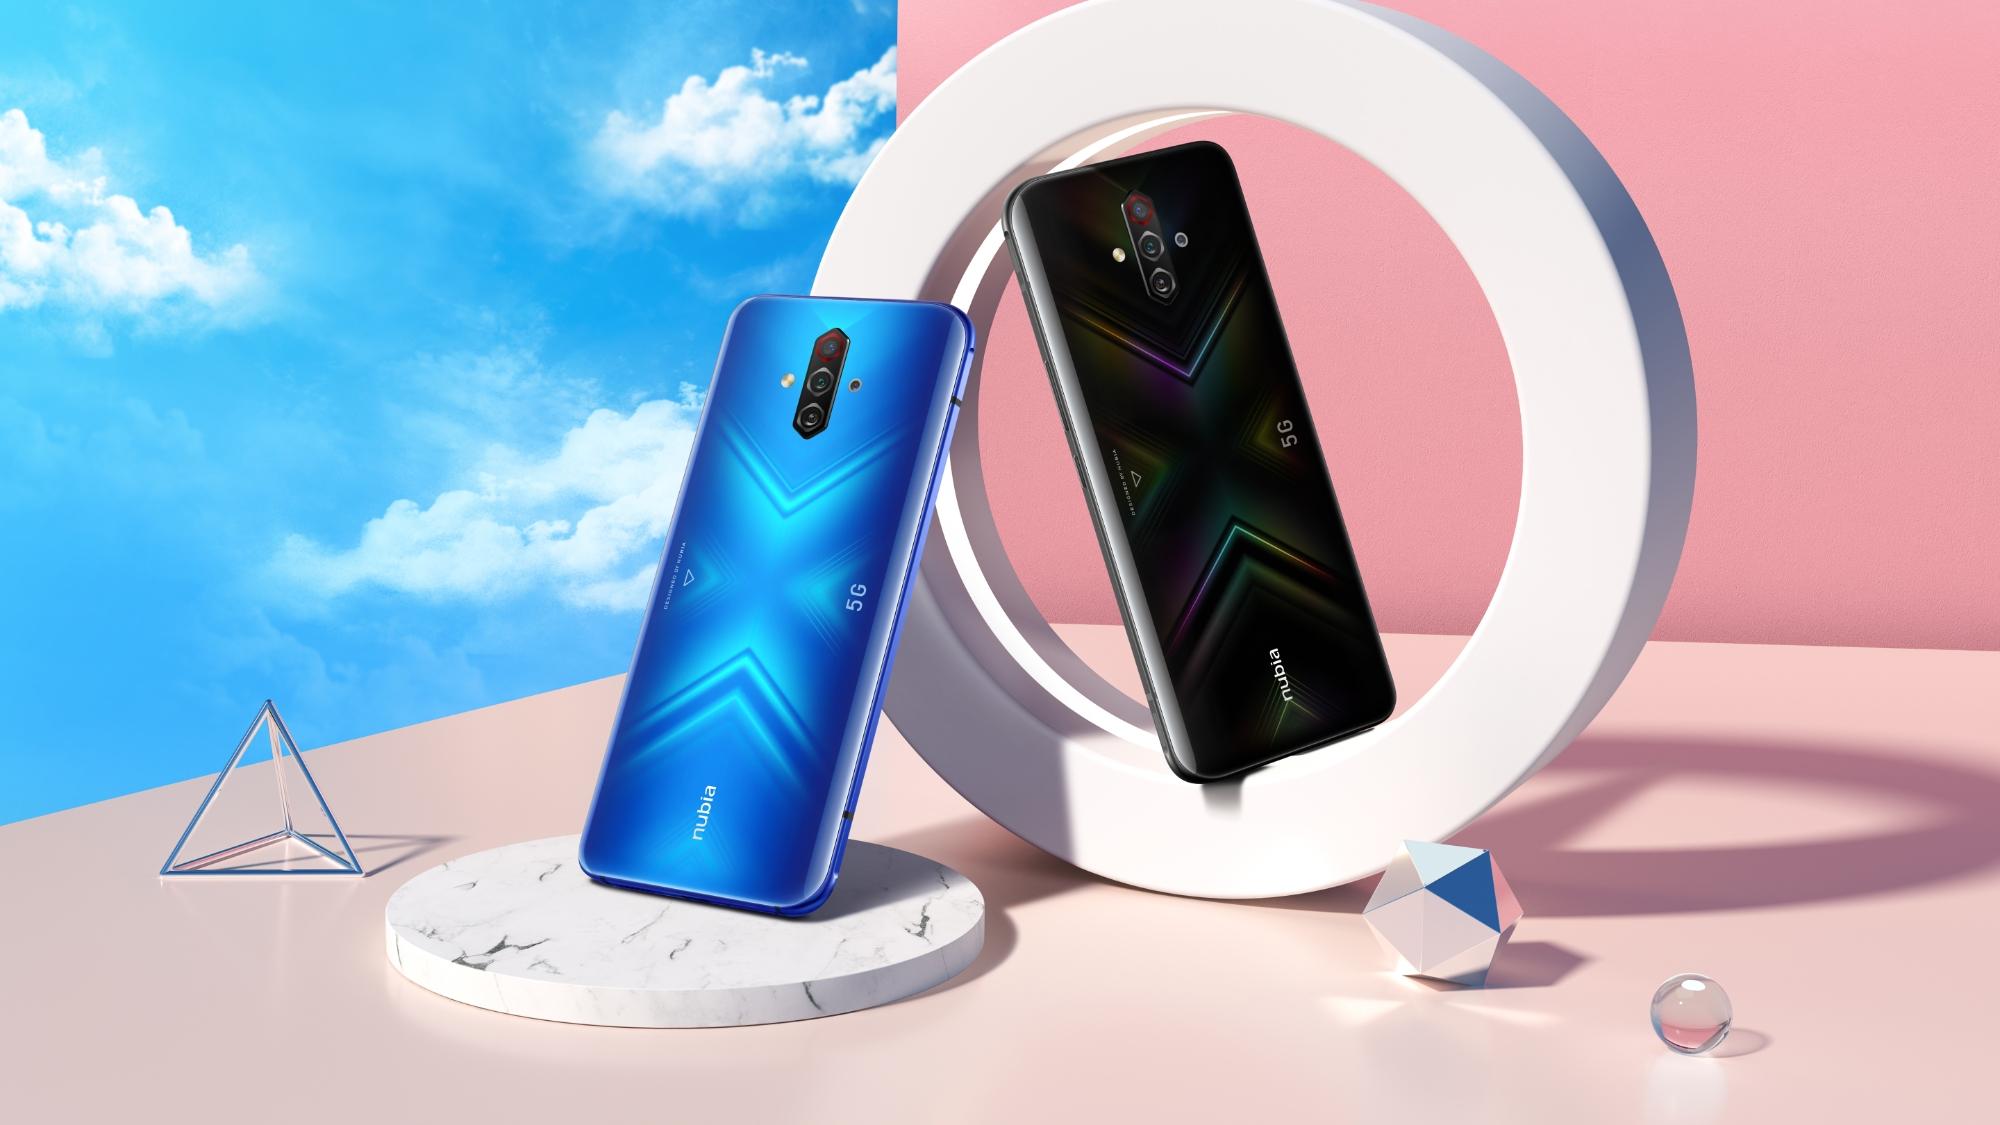 ZTE запускает бренд Nubia в Украине: первым смартфоном будет Nubia Play 5G